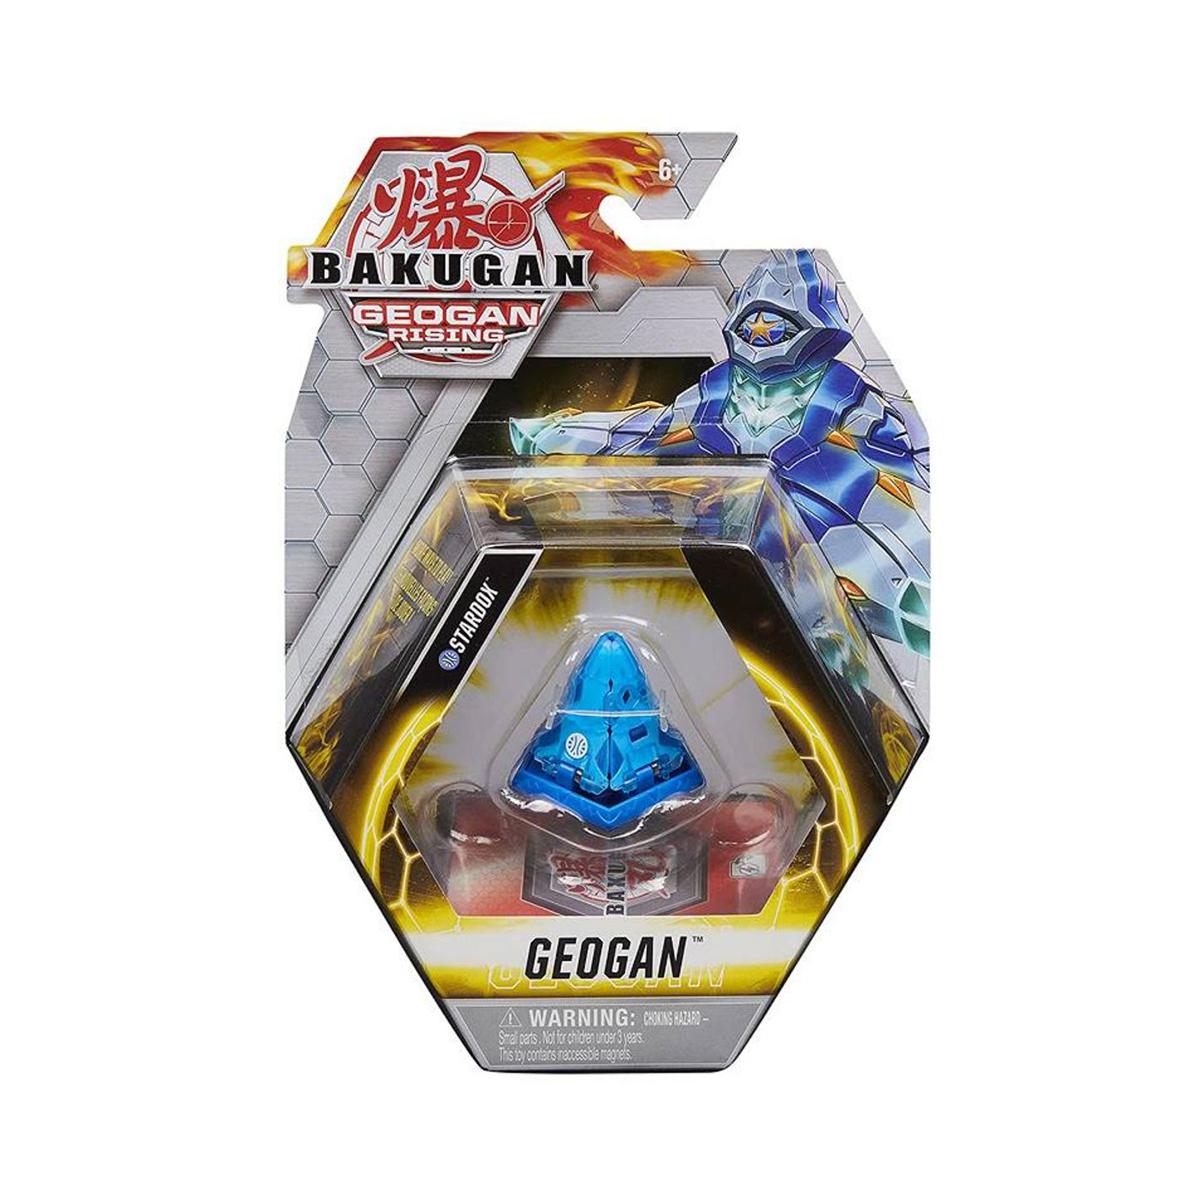 Figurina Stardox, Bakugan, Geogan Rising, 20128999